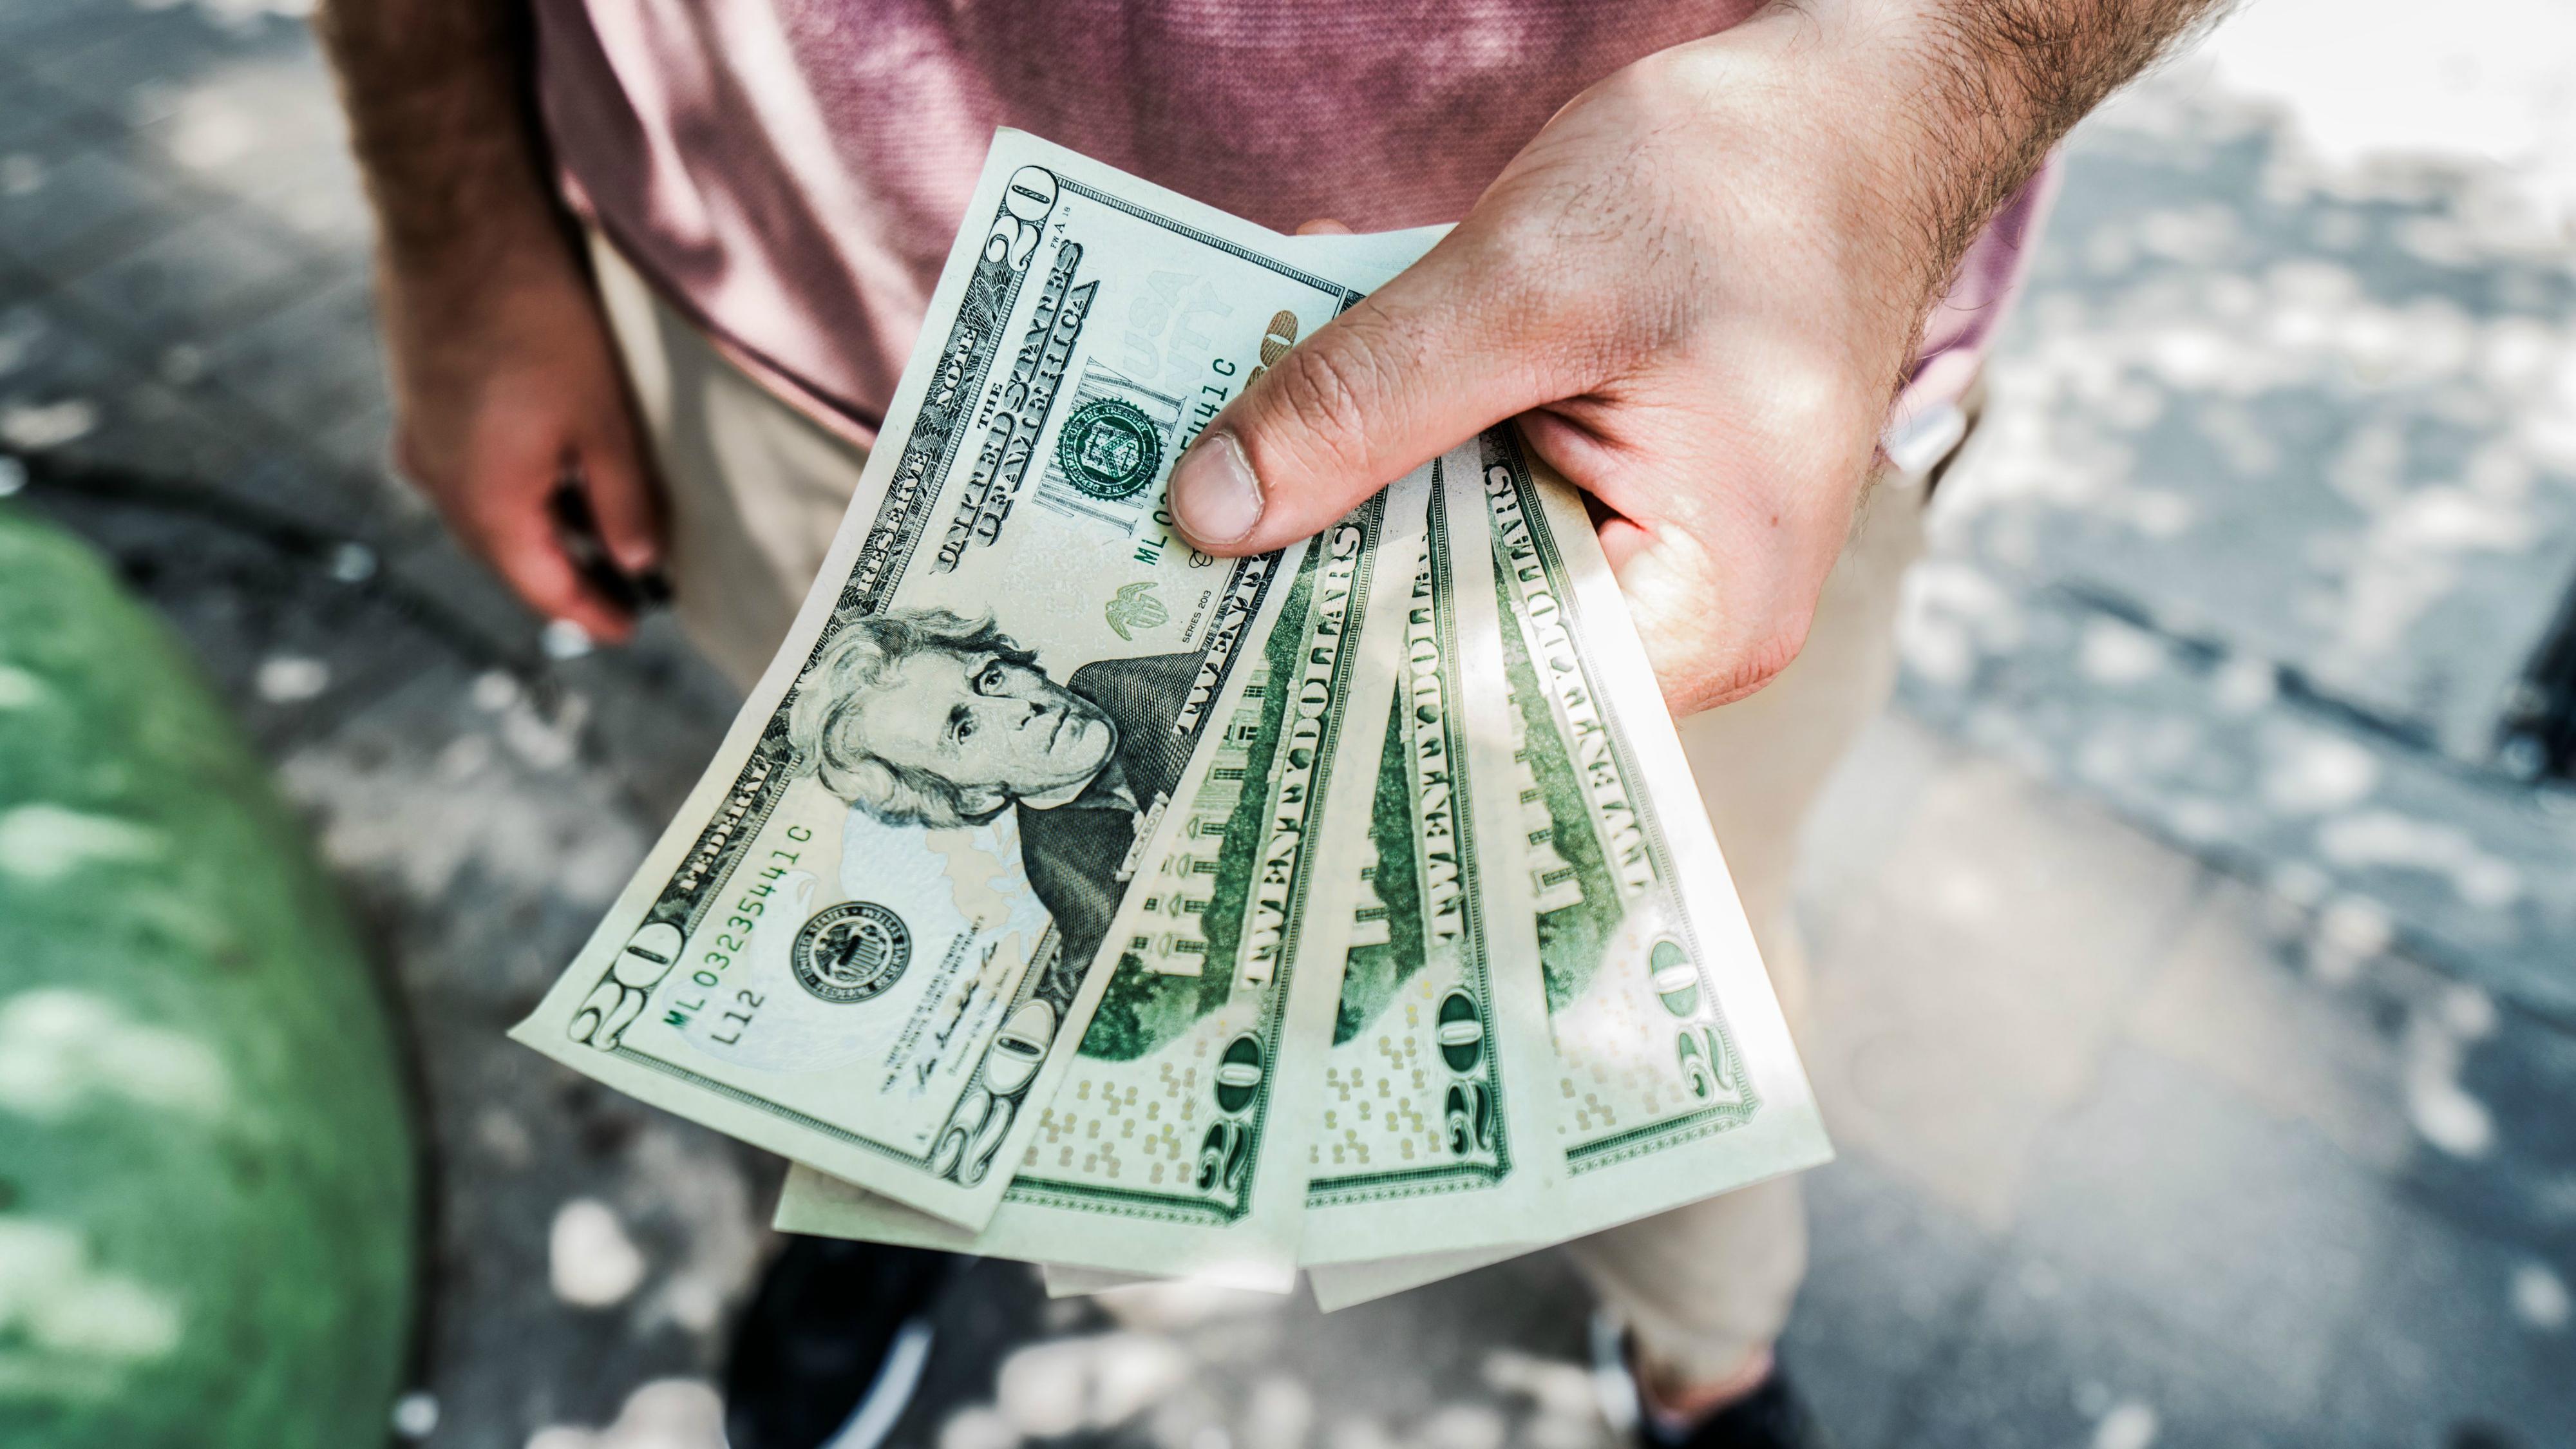 pieteikums naudas pelnīšanai internetā